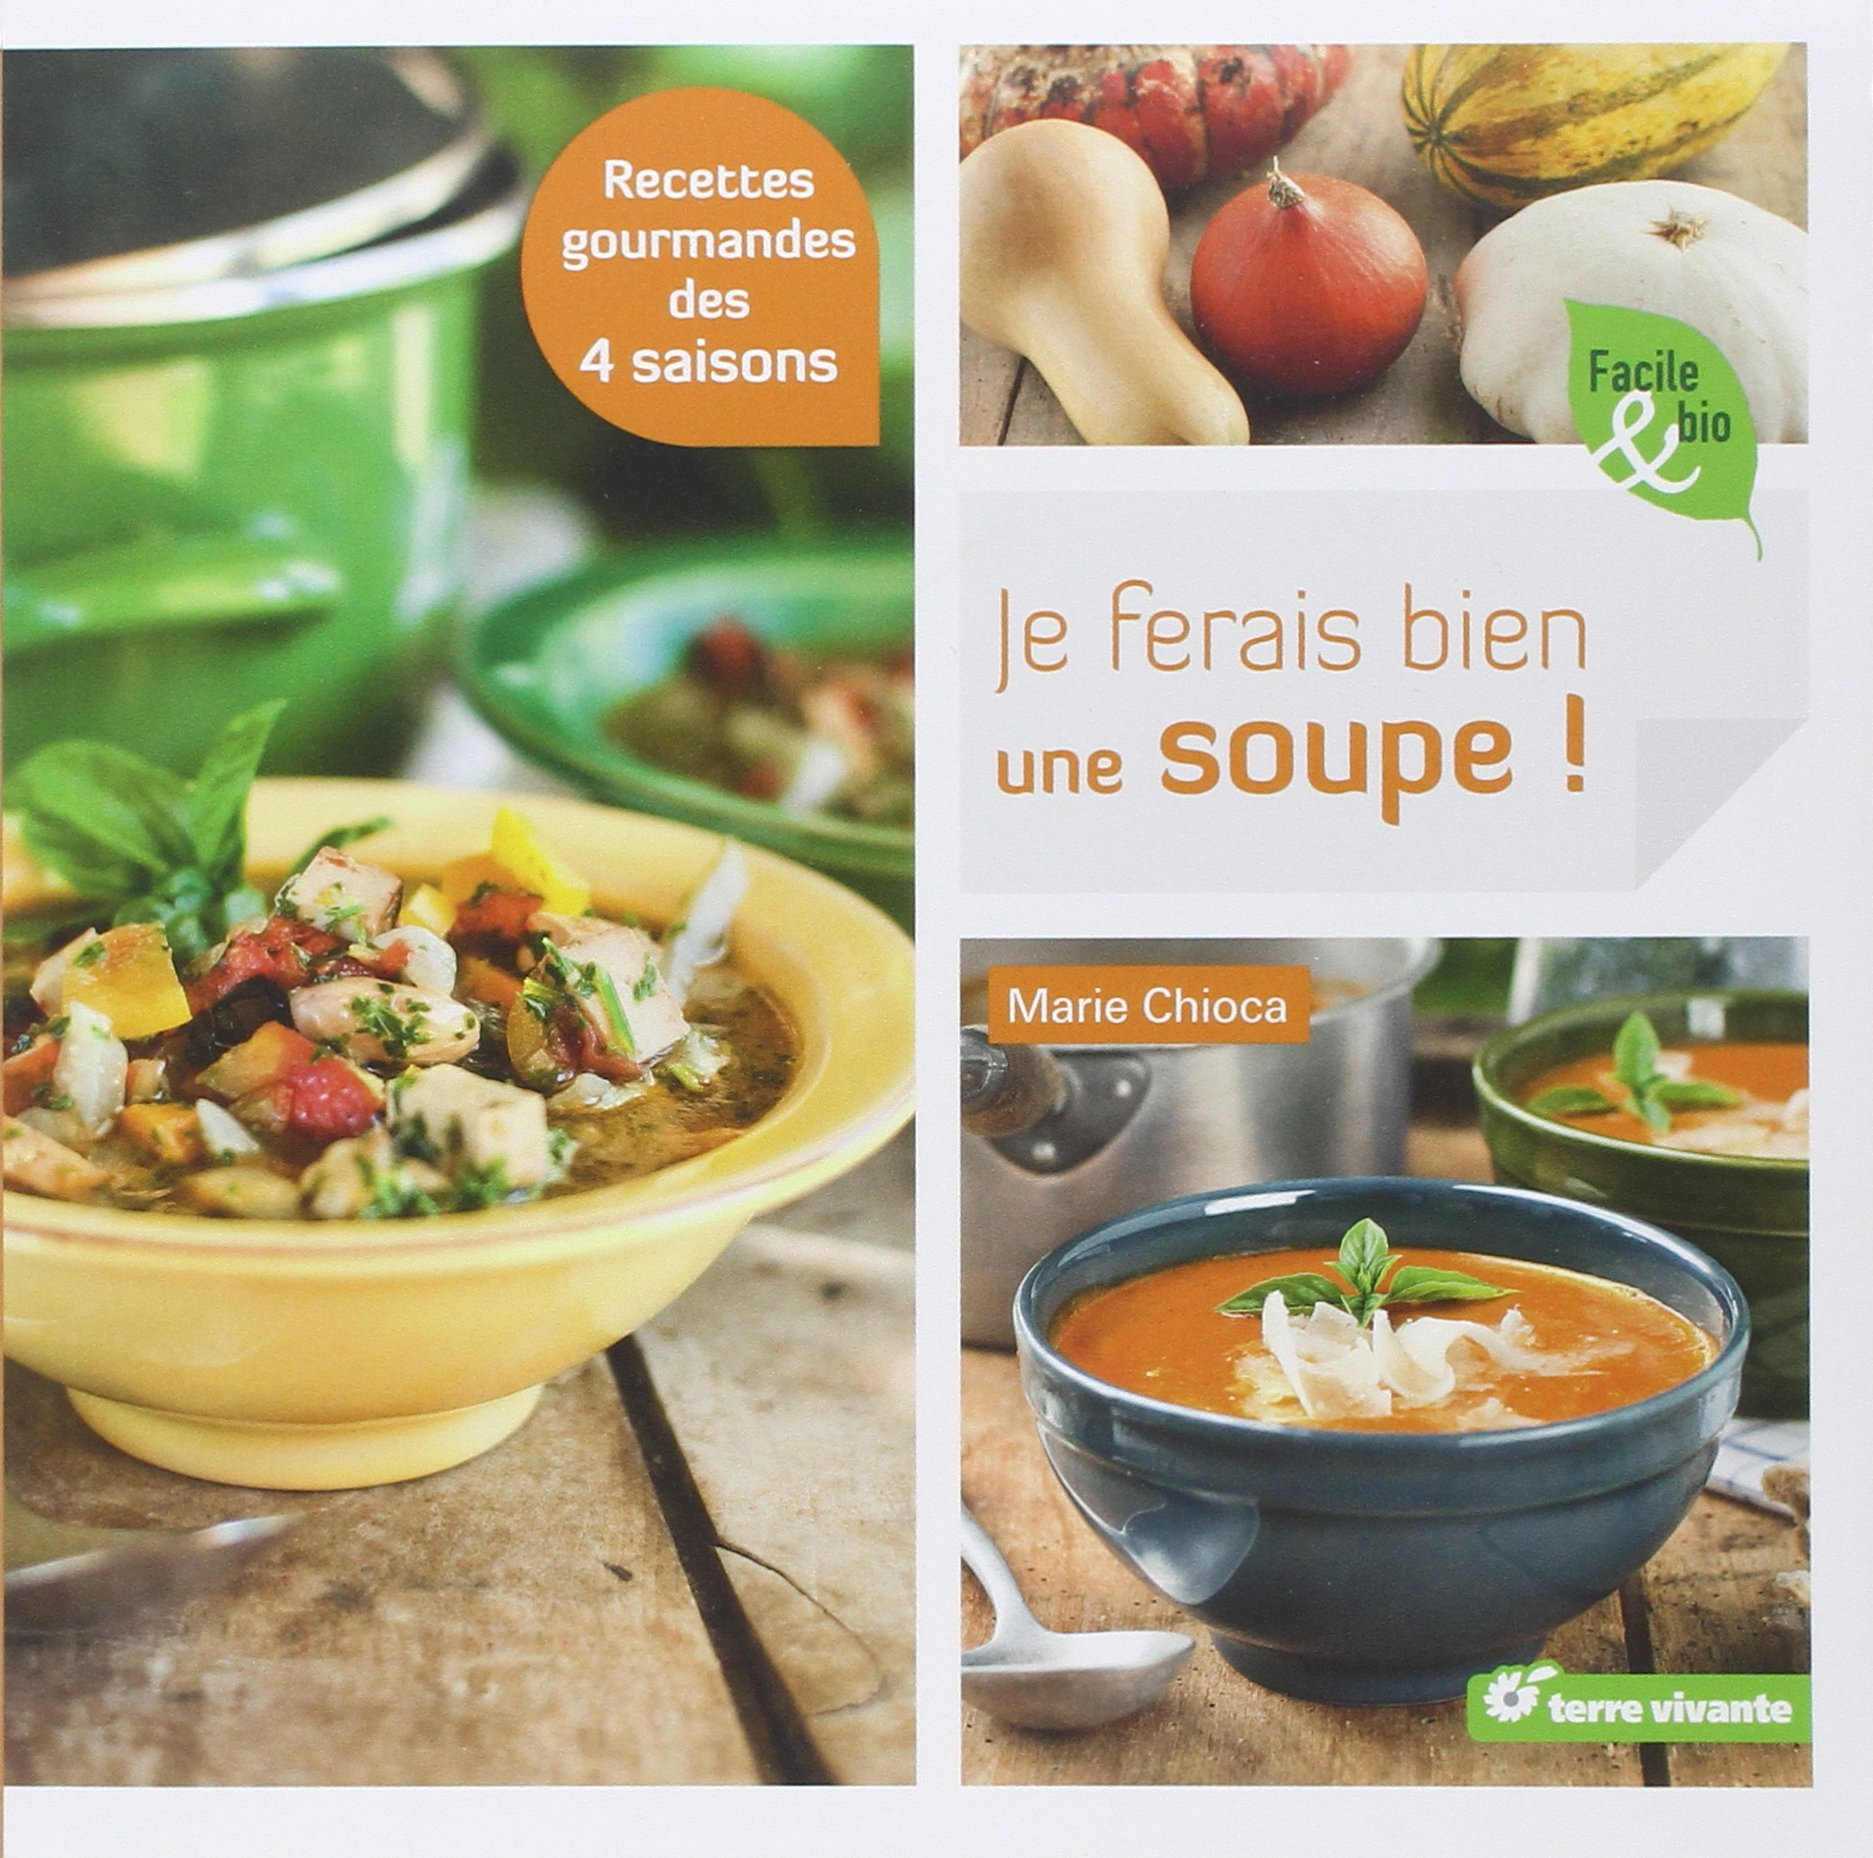 Je ferais bien une soupe Broché – 18 octobre 2013 Marie Chioca TERRE VIVANTE 2360981072 Cuisine